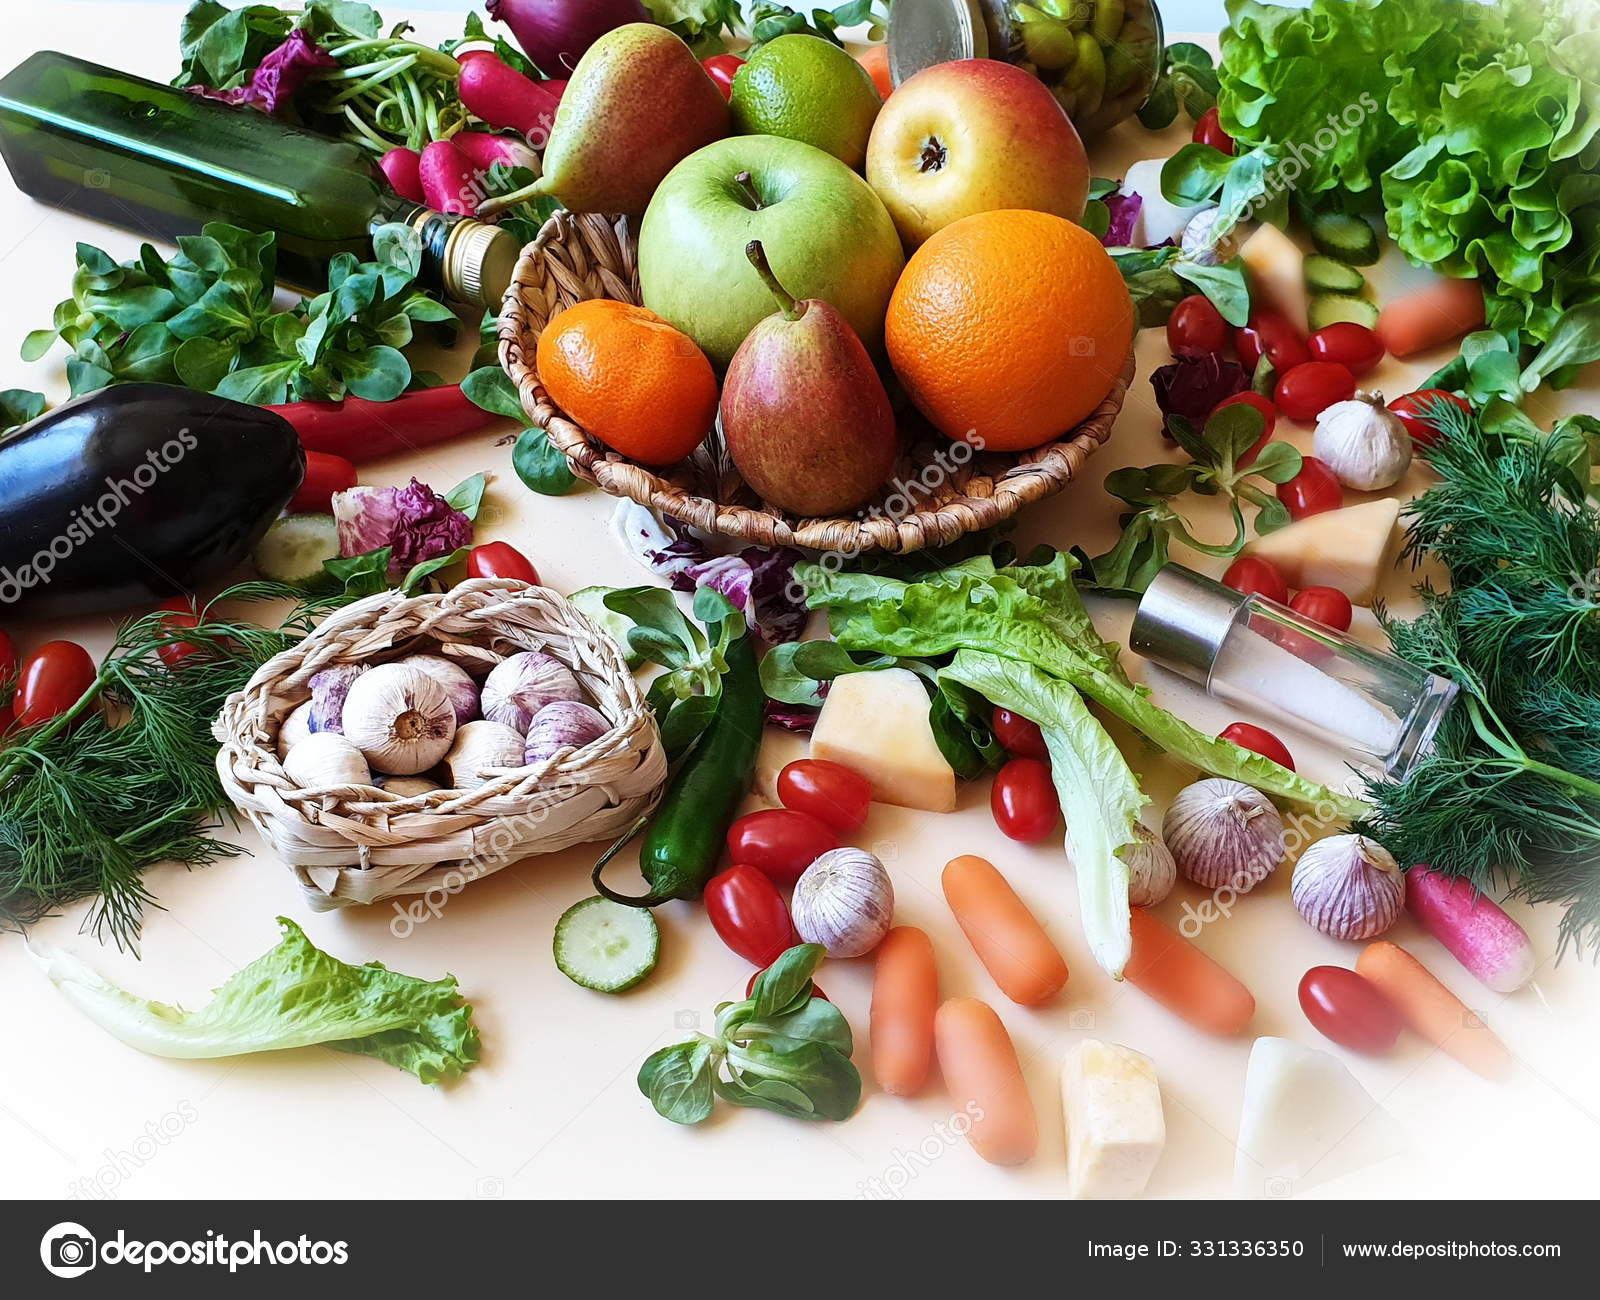 Овощи Фрукты Натюрморт Красный Паприка Зеленый Оливковый ...